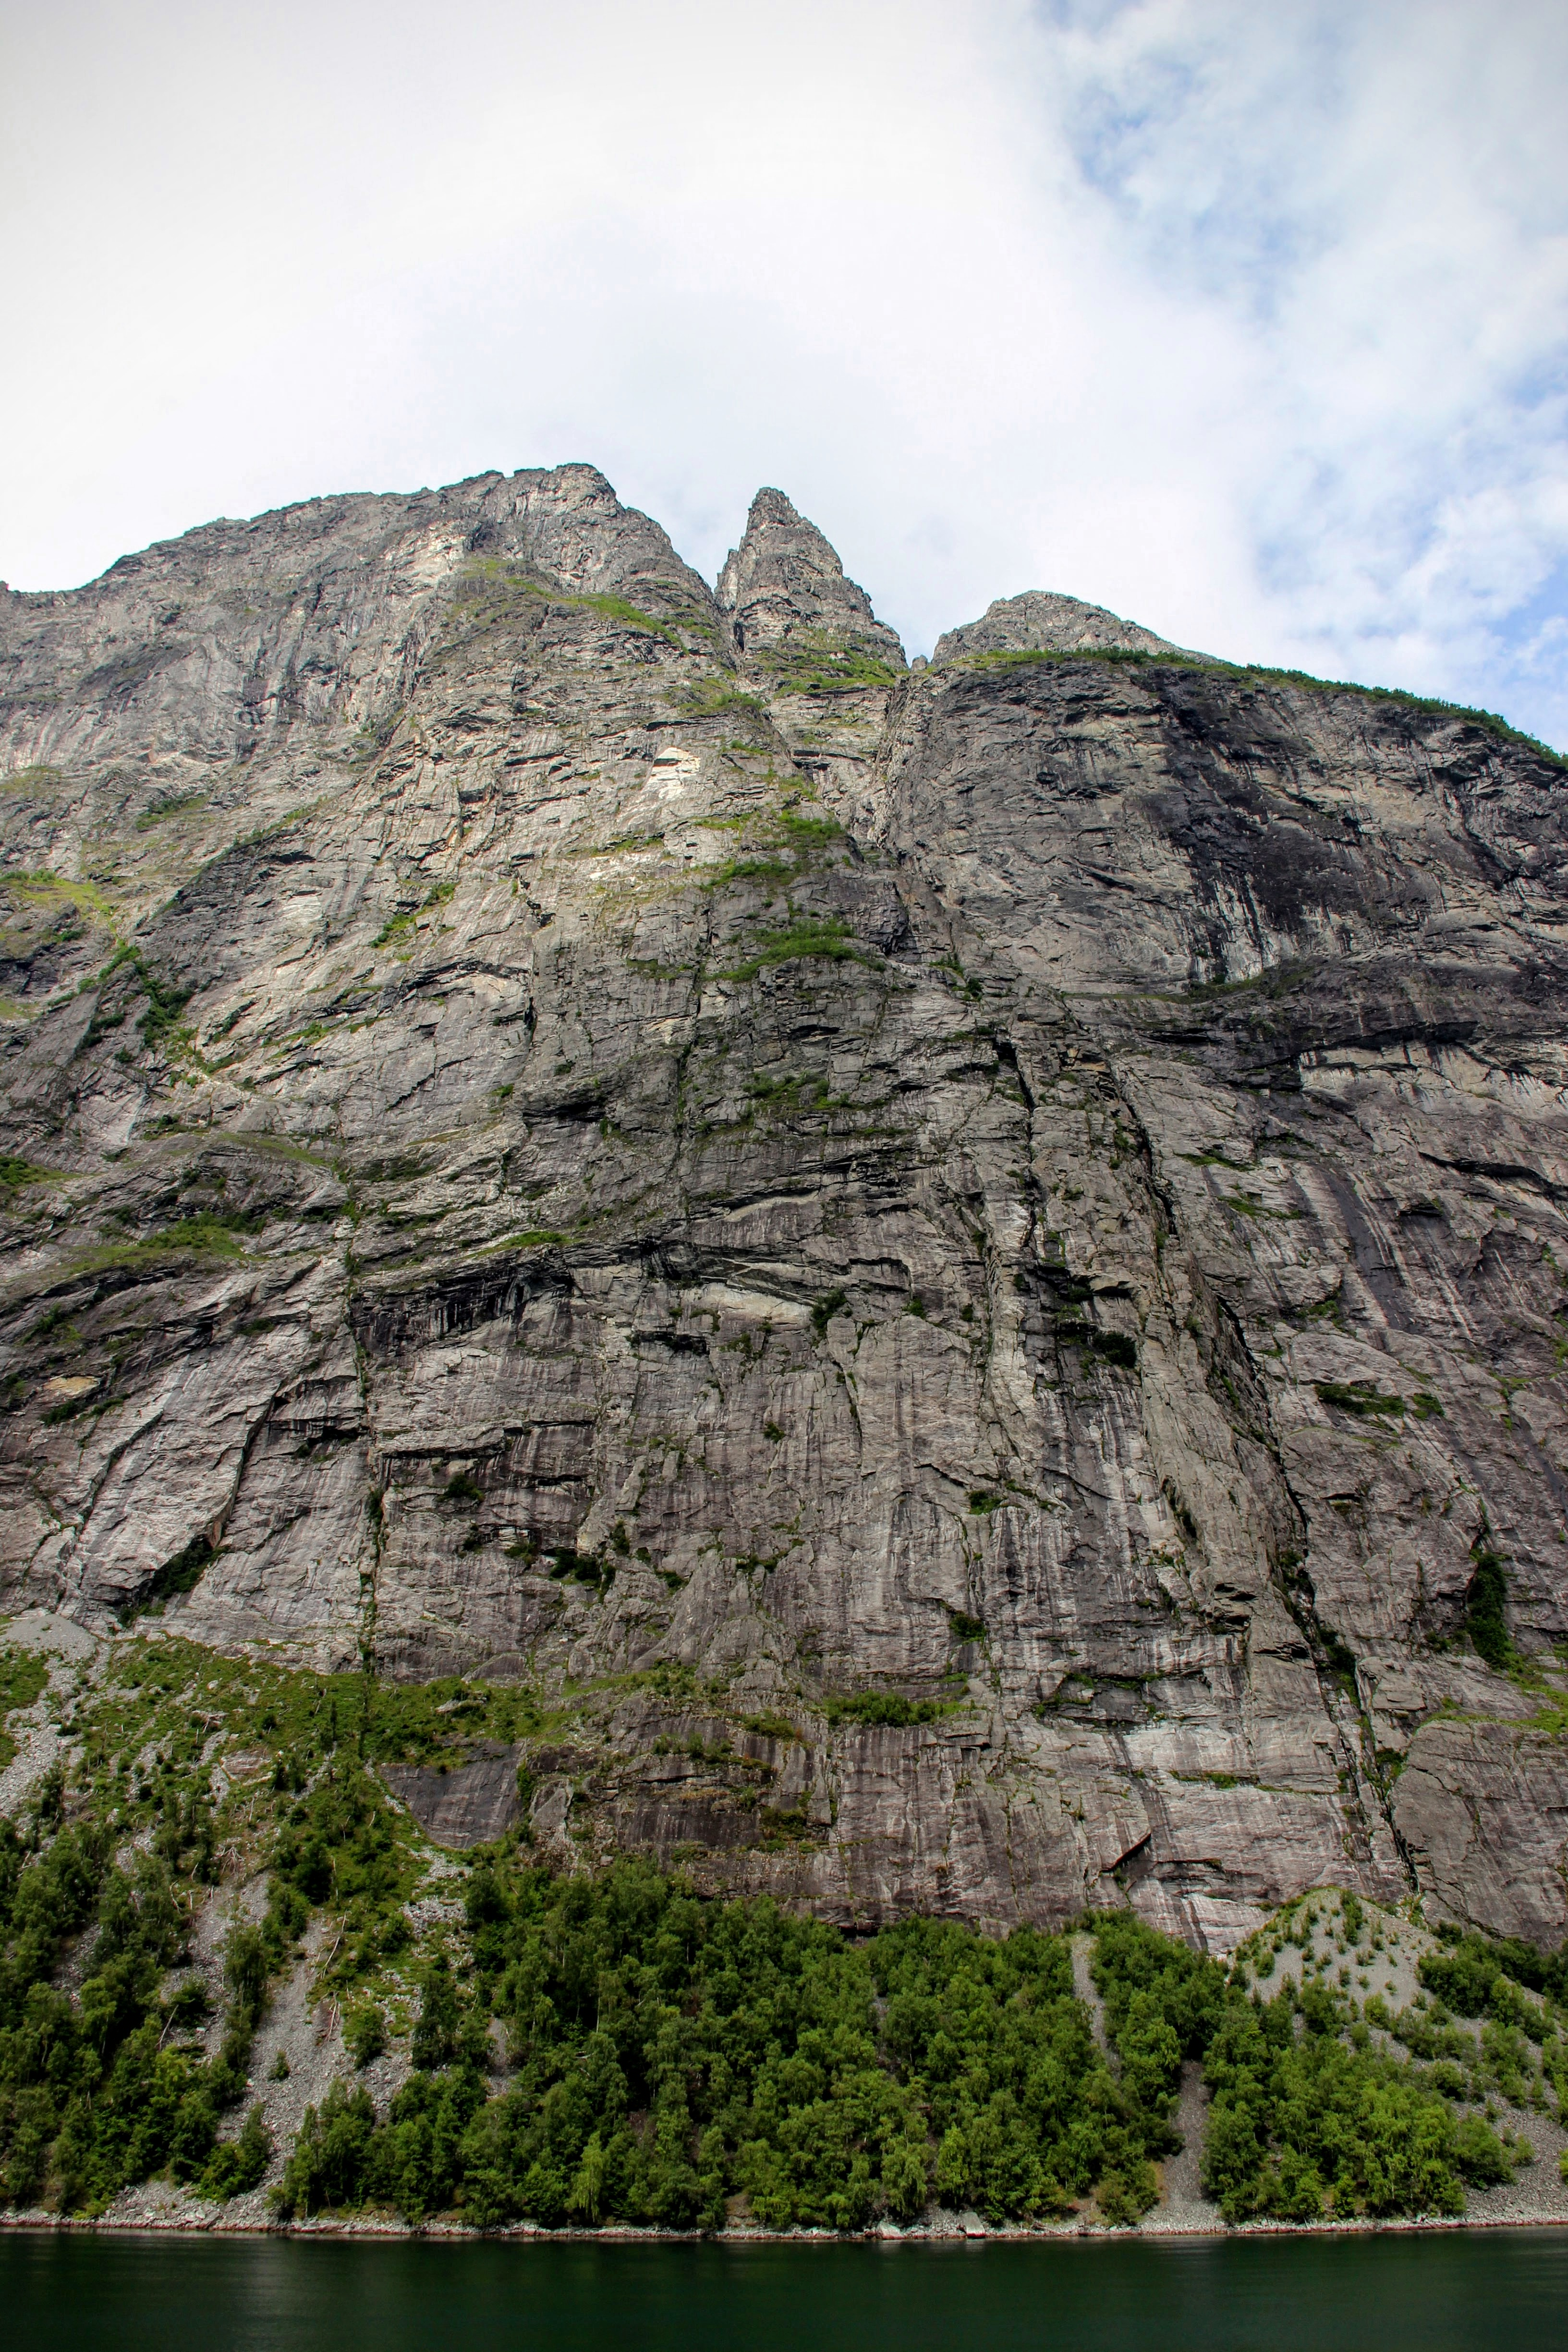 Les falaises plongent dans le fjord.